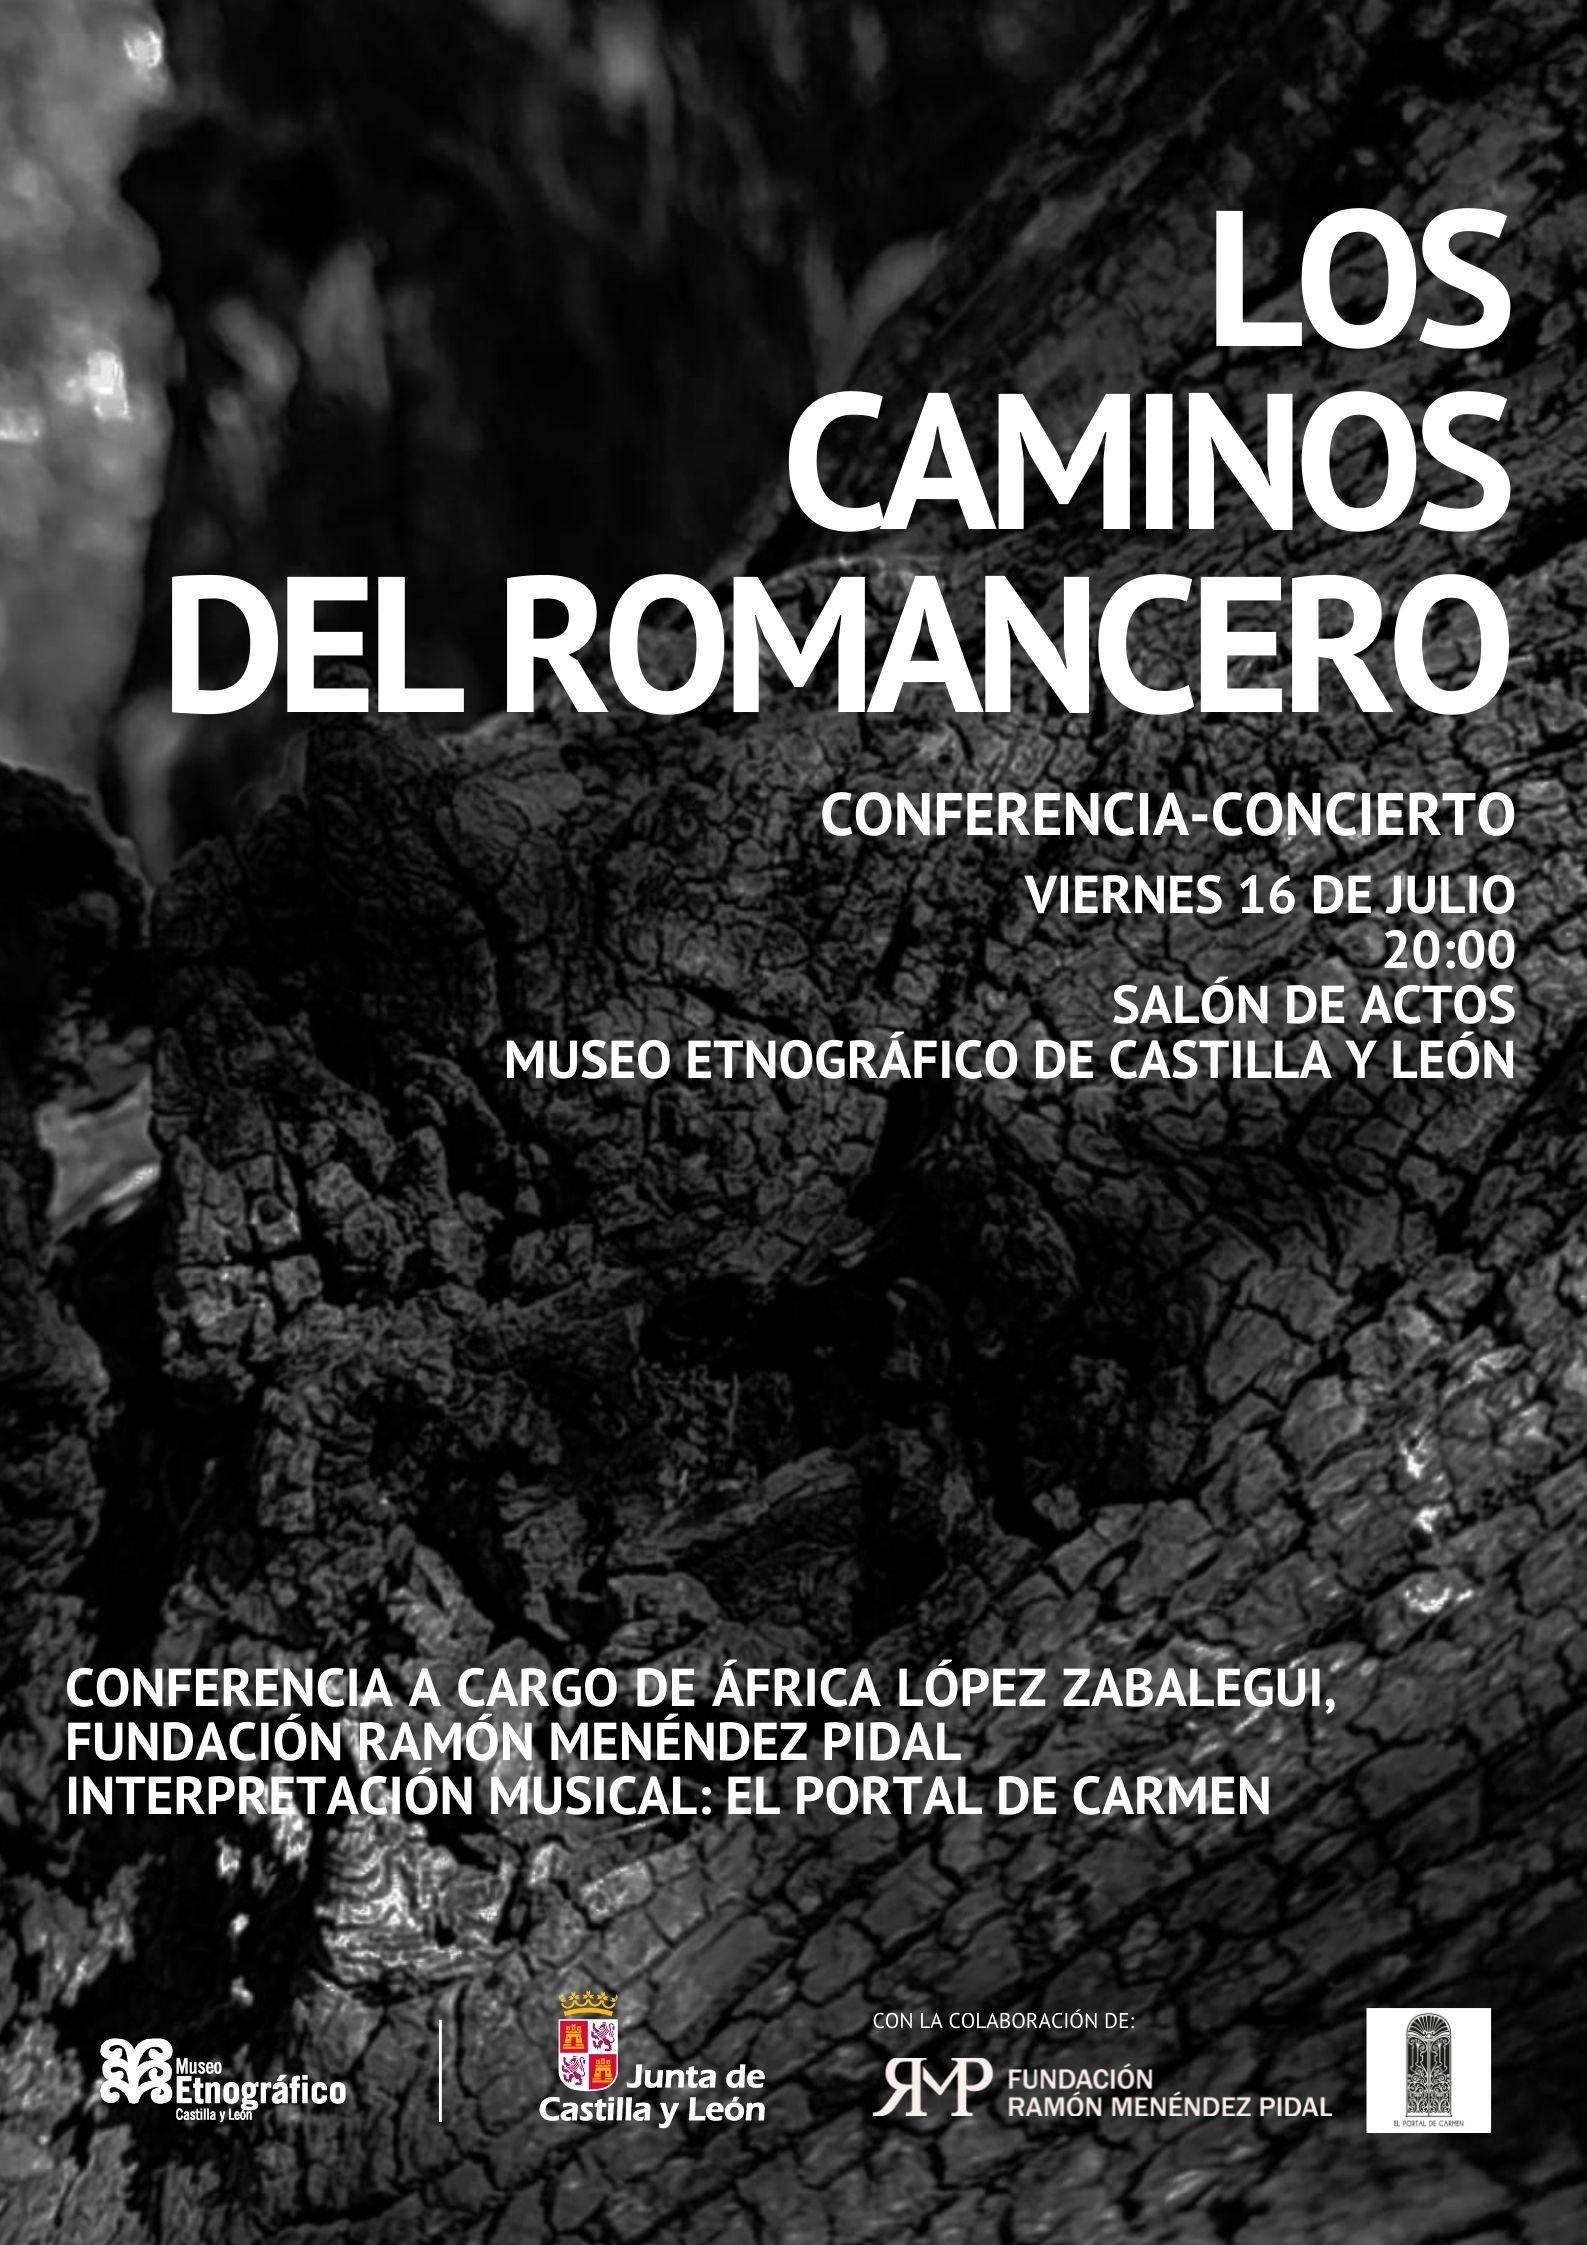 conferencia-concierto los caminos del romancero